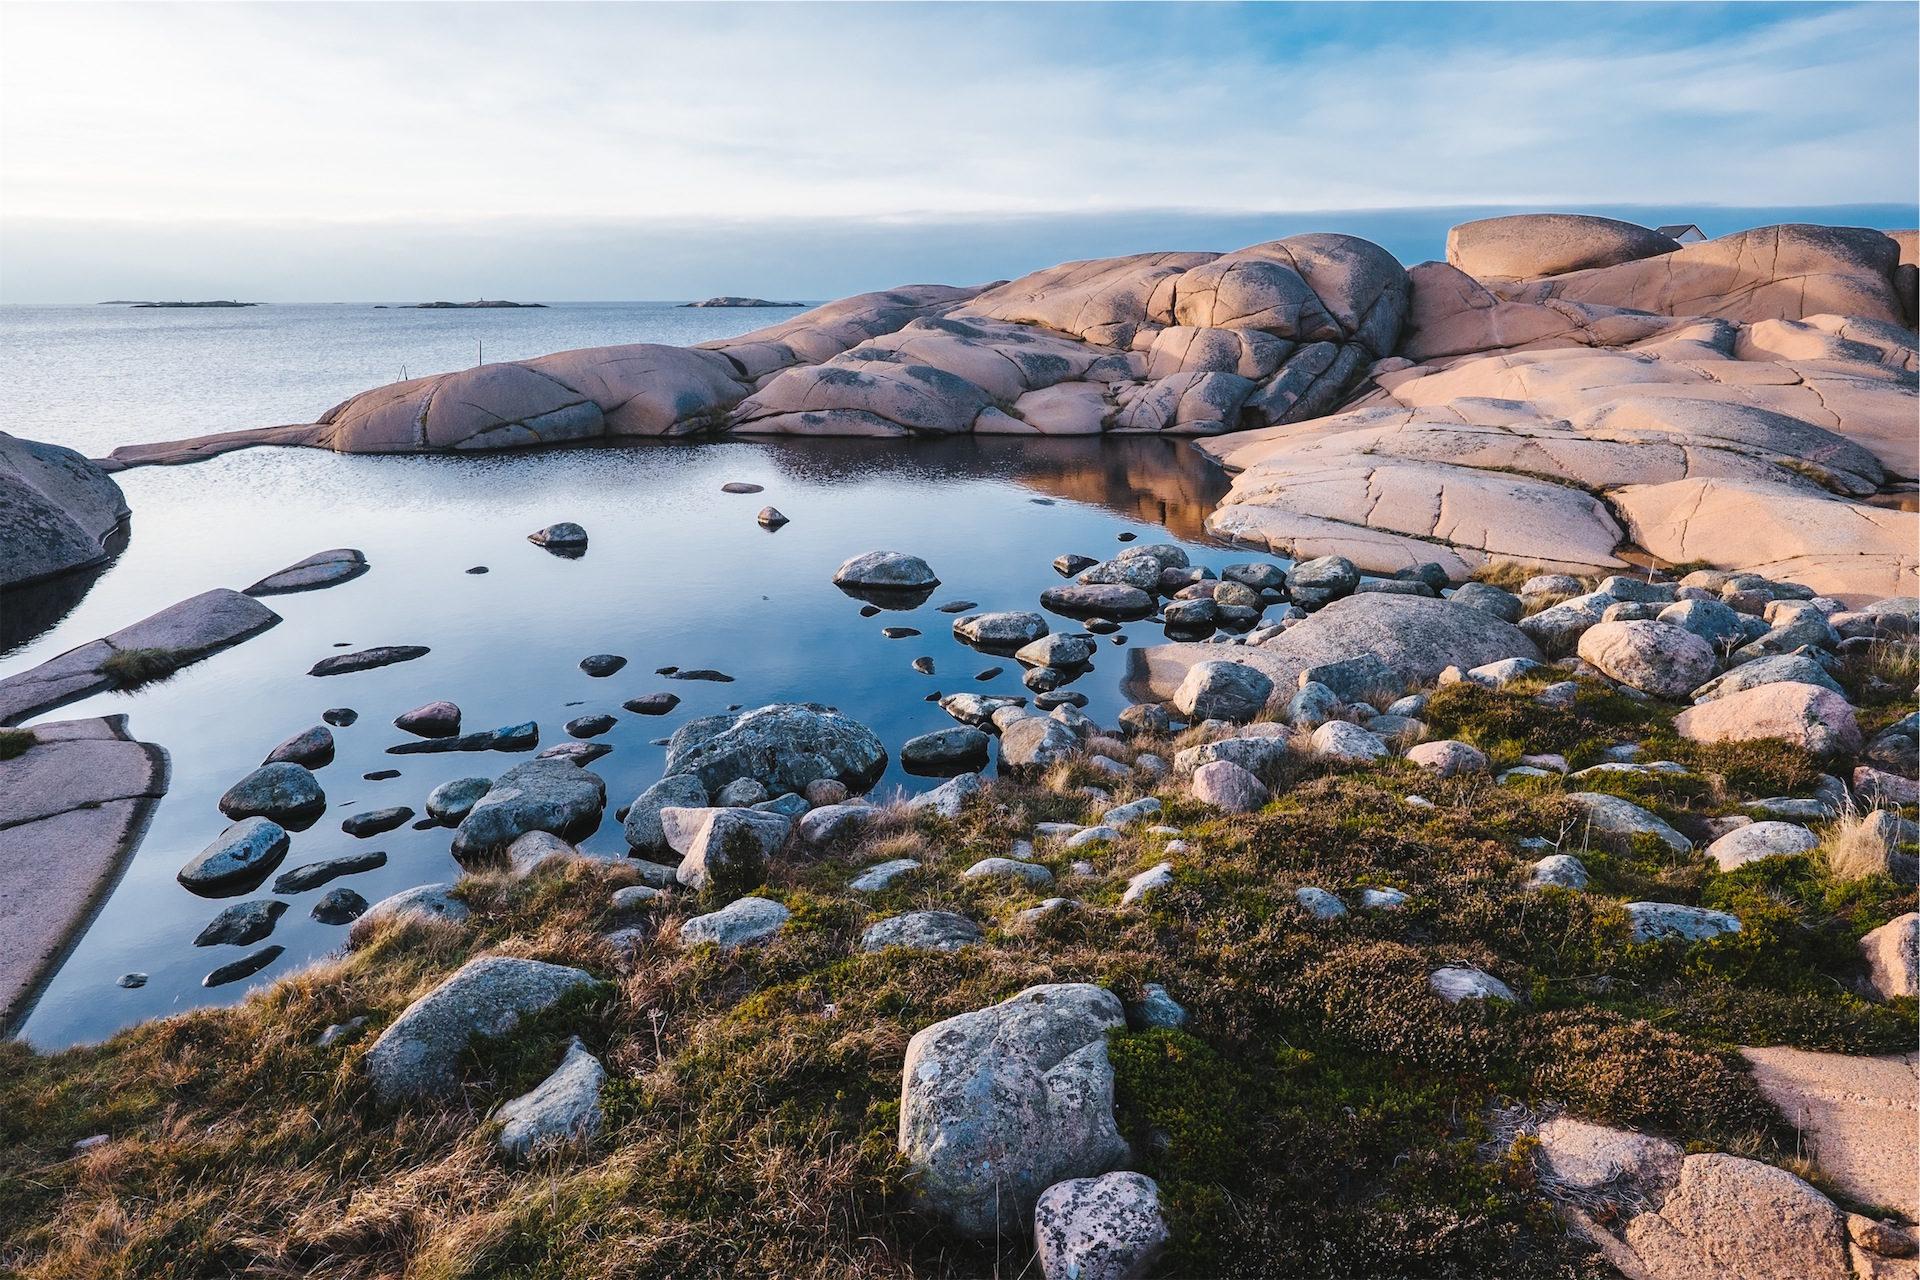 océano, piedras, orilla, mar, cielo - Fondos de Pantalla HD - professor-falken.com